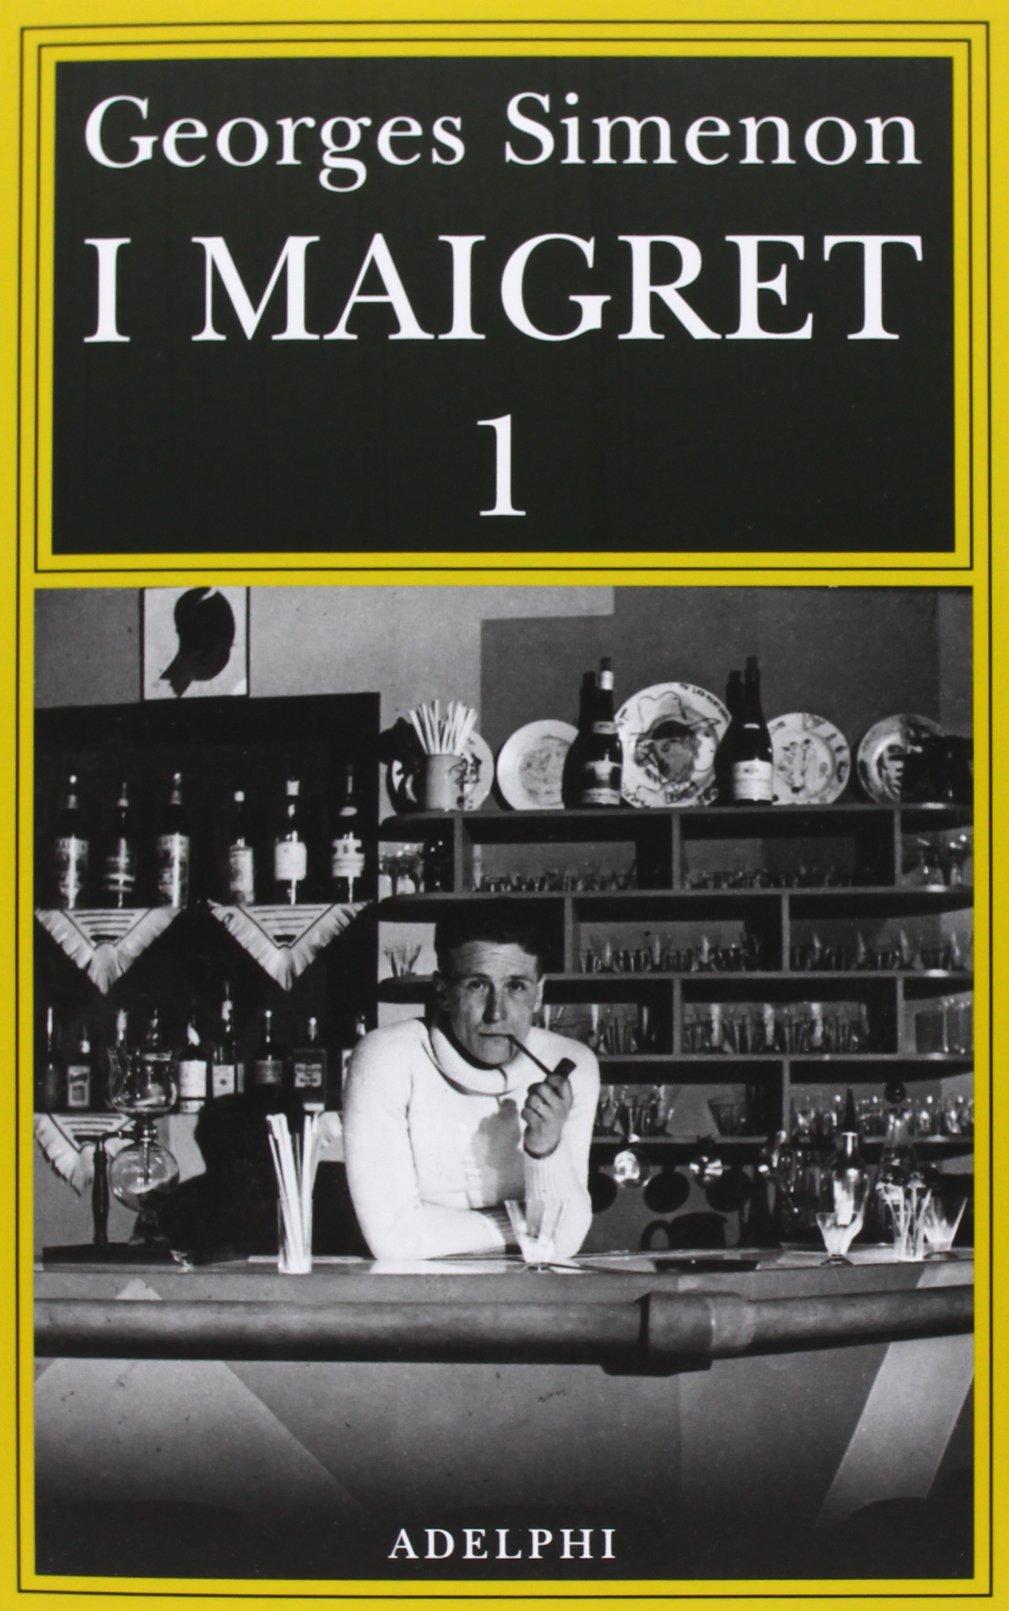 I Maigret: Pietr il Lettone-Il cavallante della «Providence»-Il defunto signor Gallet-L'impiccato di Saint-Pholien-Una testa in gioco: 1 Copertina flessibile – 9 ott 2013 Georges Simenon E. Marchi G. Pinotti Adelphi